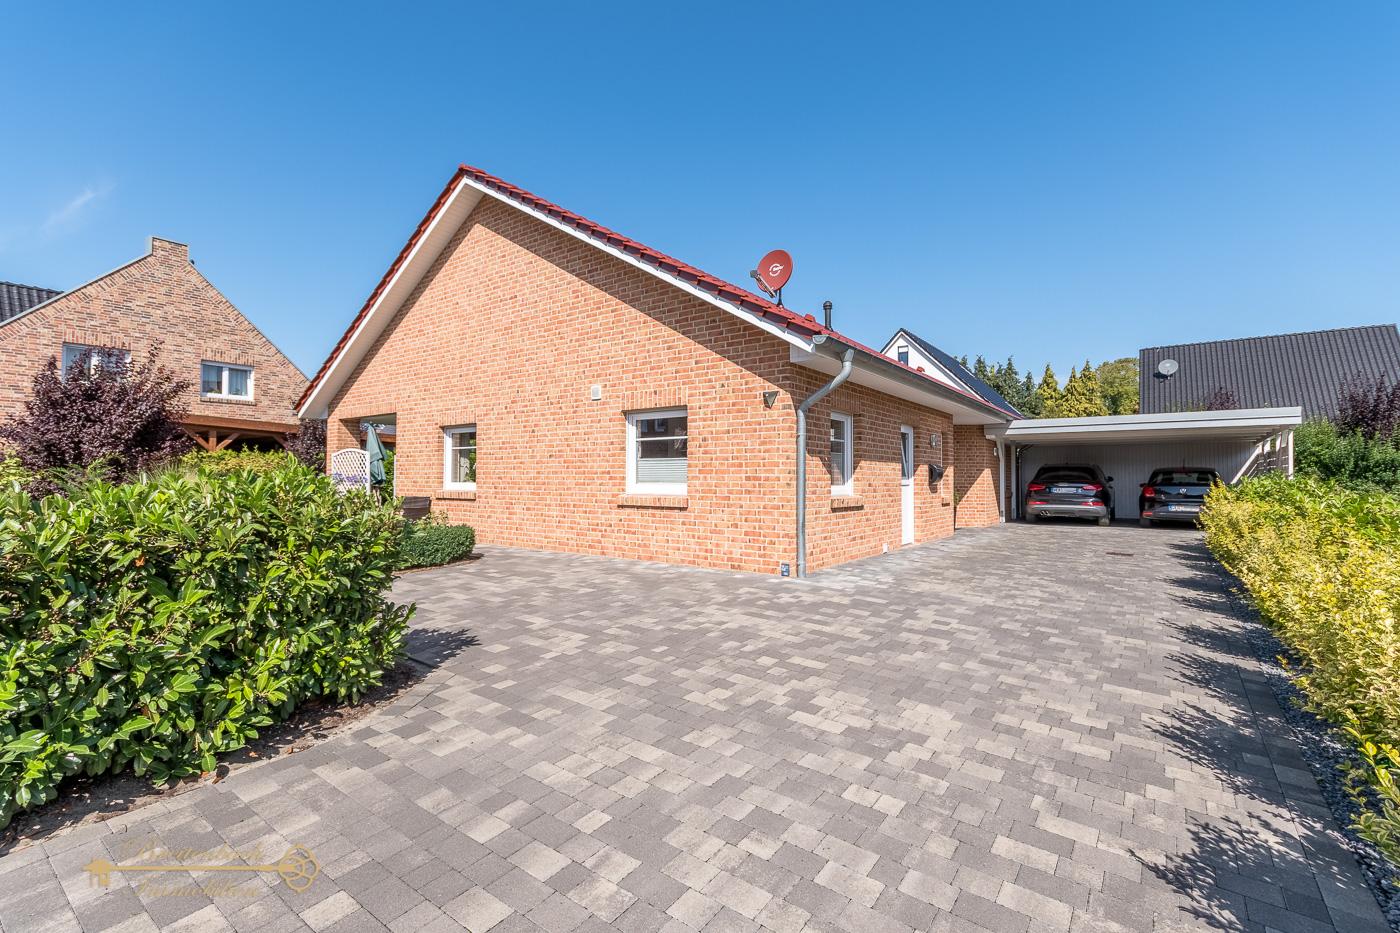 2019-08-11-Breitenbach-Immobilien-1